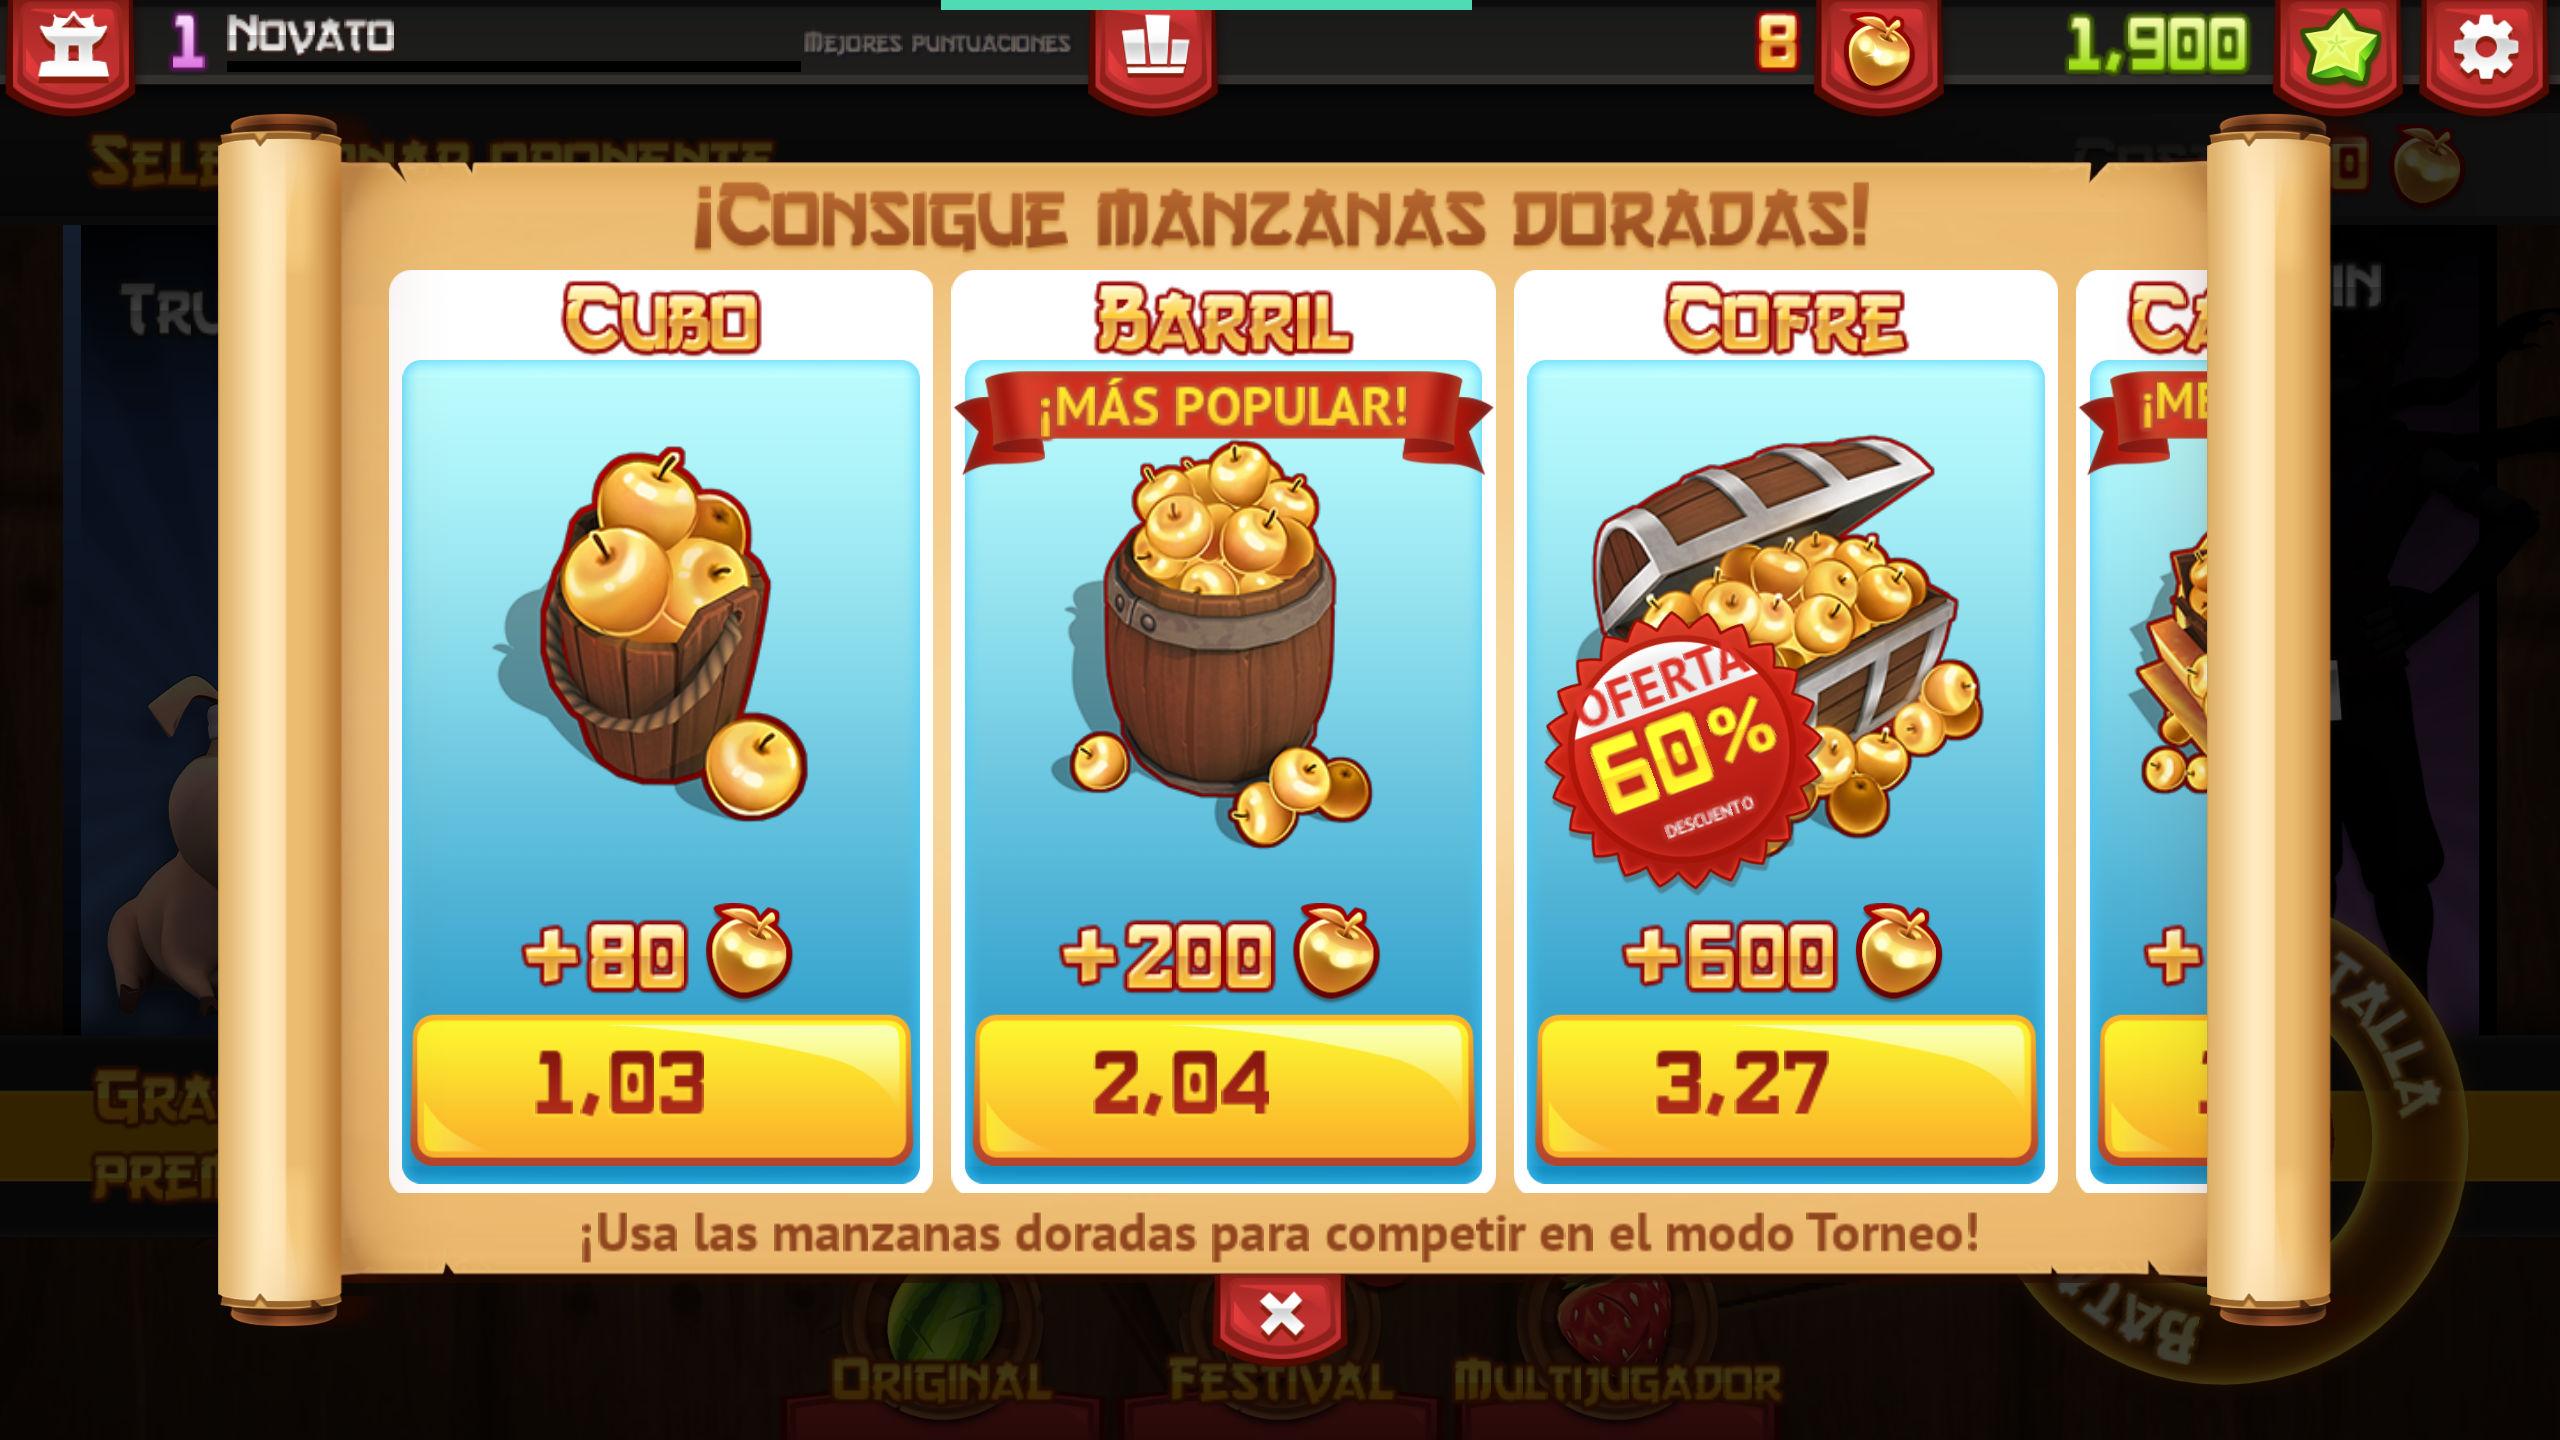 Conseguir manzanas doradas en Fruit Ninja comprando